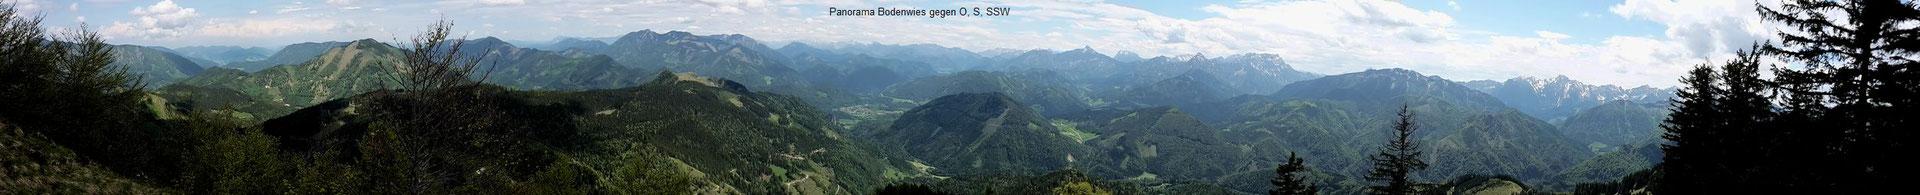 Panorama vom Gipfelkamm der Bodenwies ca. 180 Grad mit Ennstaler Alpen, Gesäuse und Haller Mauern